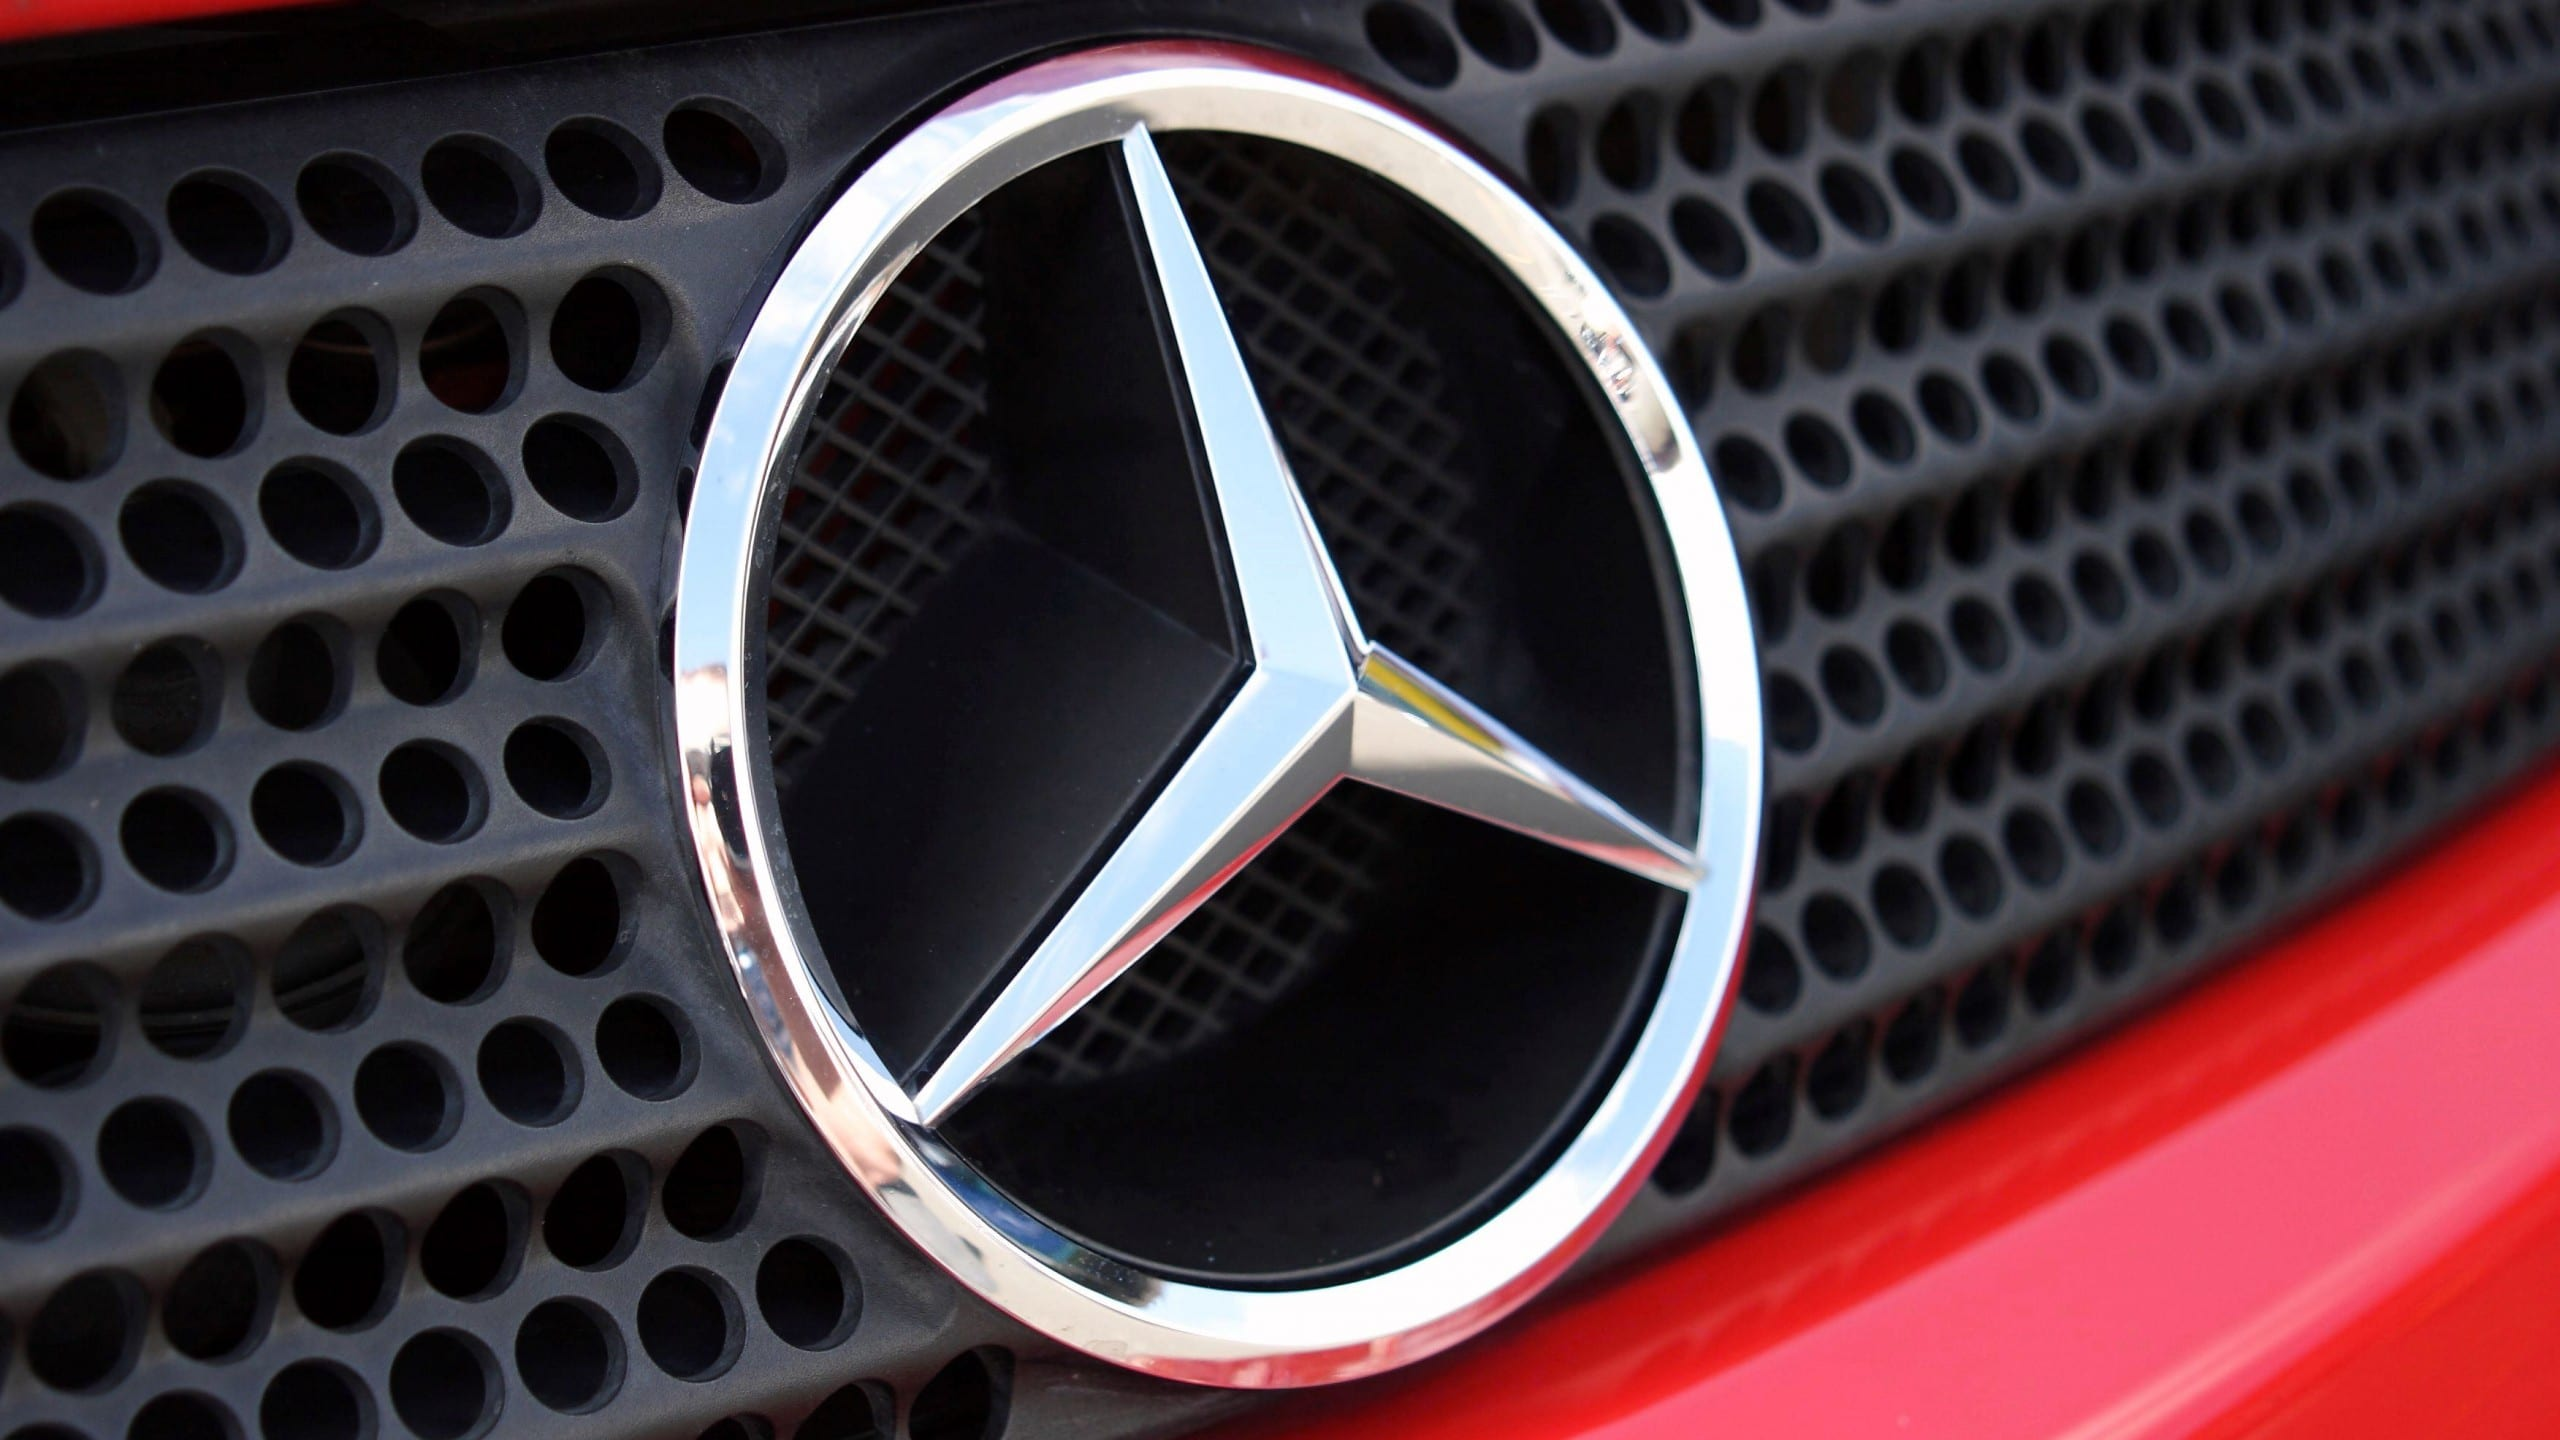 Mercedes richiama oltre 1 milione di auto: problemi con le chiamate di emergenza